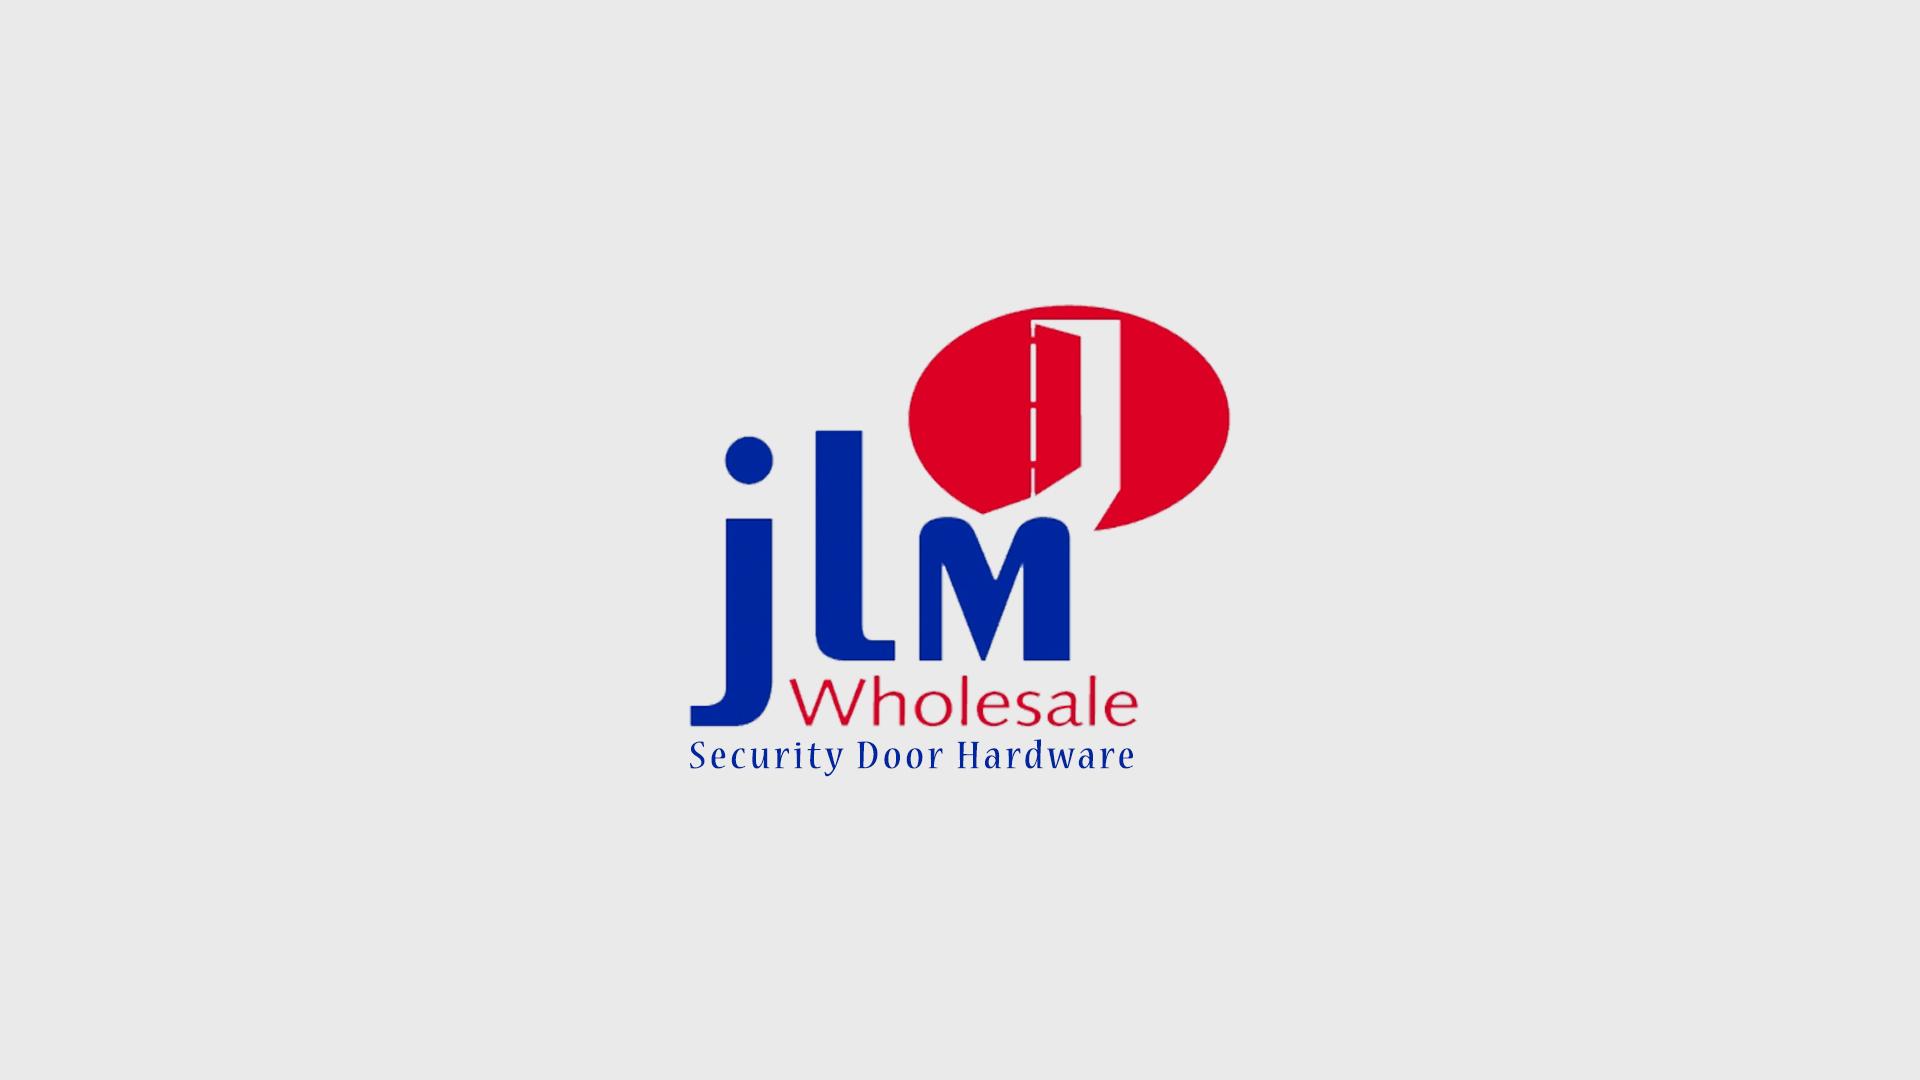 JLM Wholsale